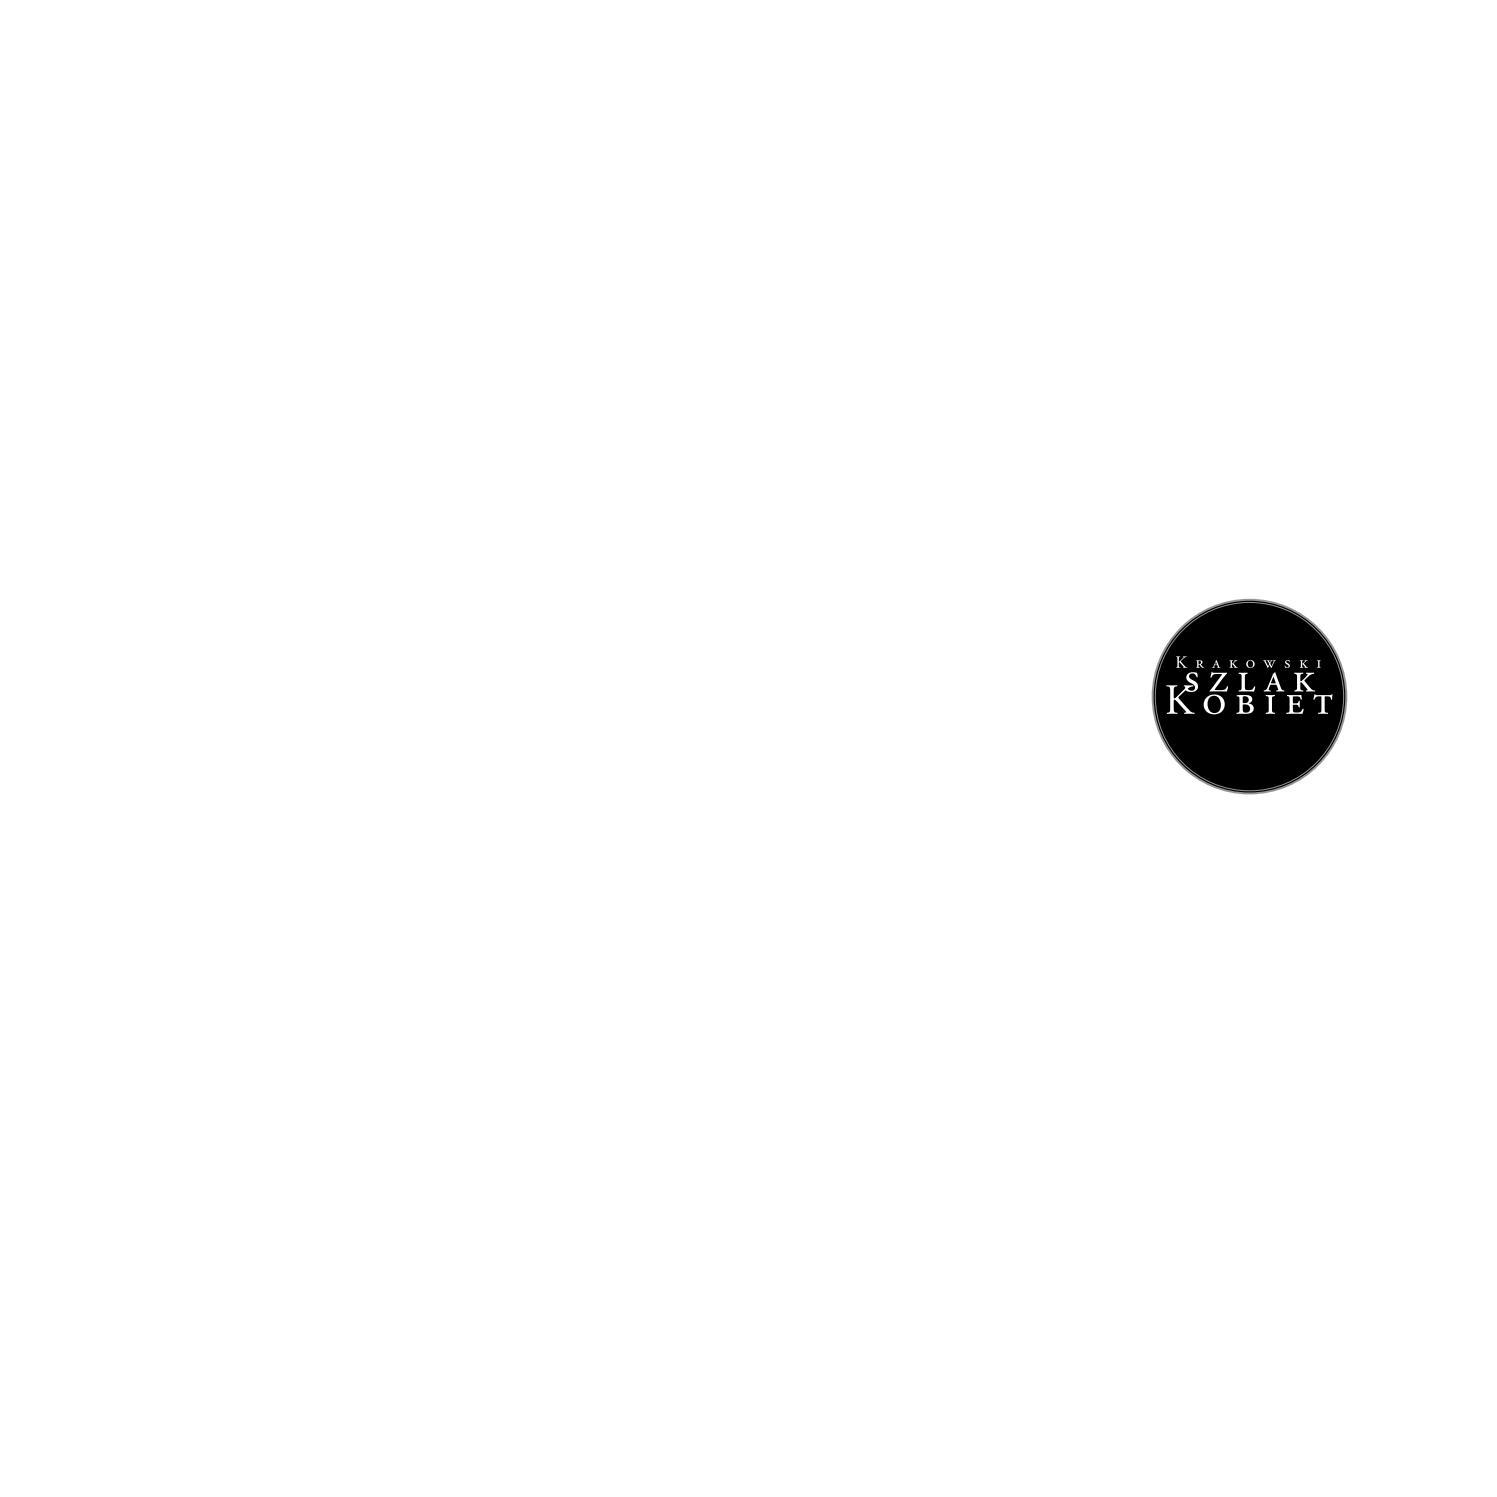 4017ab5517 Krakowski Szlak Kobiet. Przewodniczka po Krakowie emancypantek. Tom II by  Przestrzen Kobiet - issuu